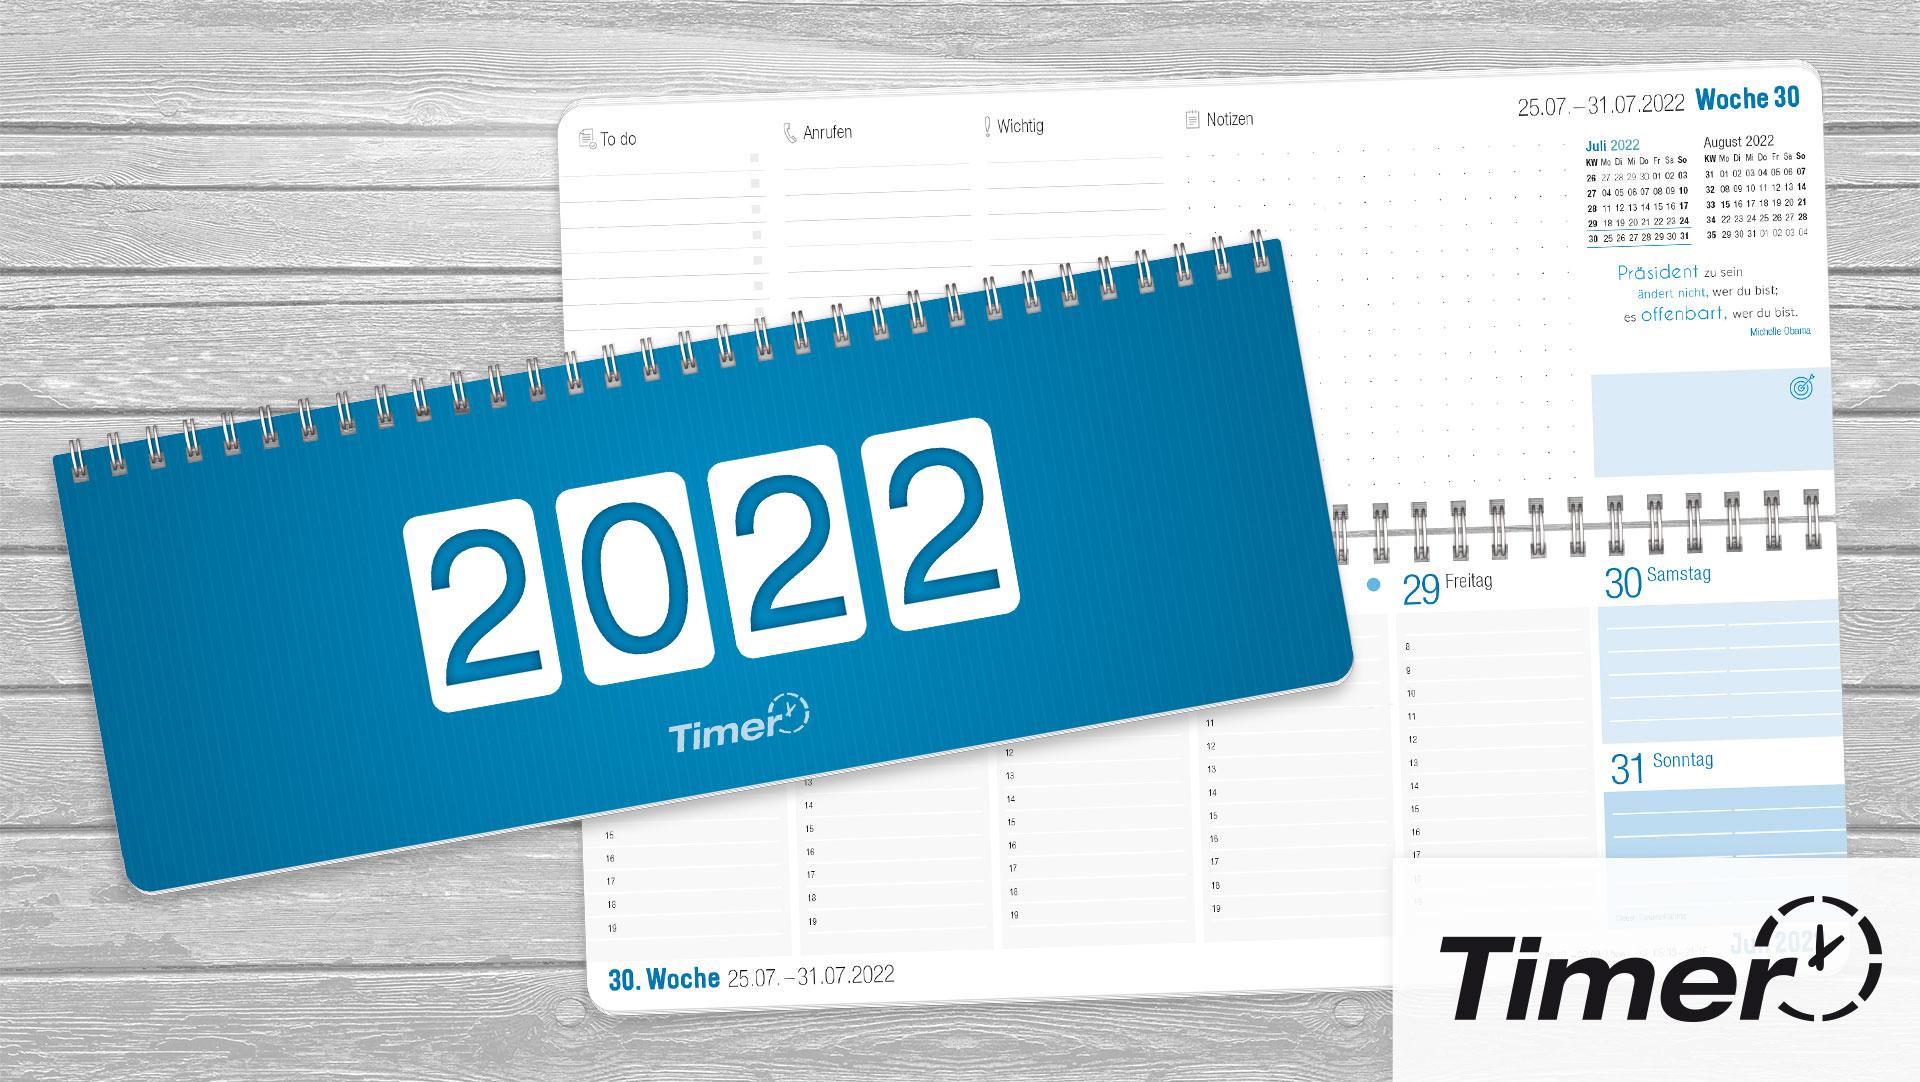 Tischkalender_Blau 2021 2022